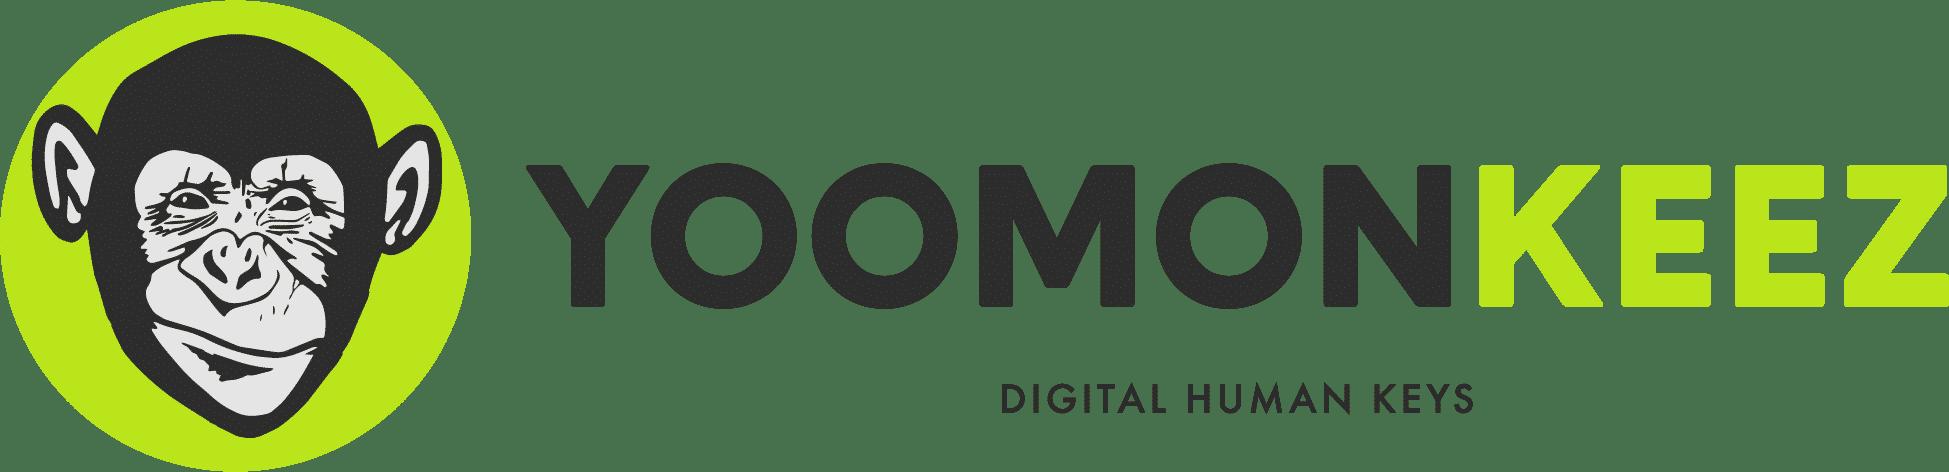 yoomonkeez-logo